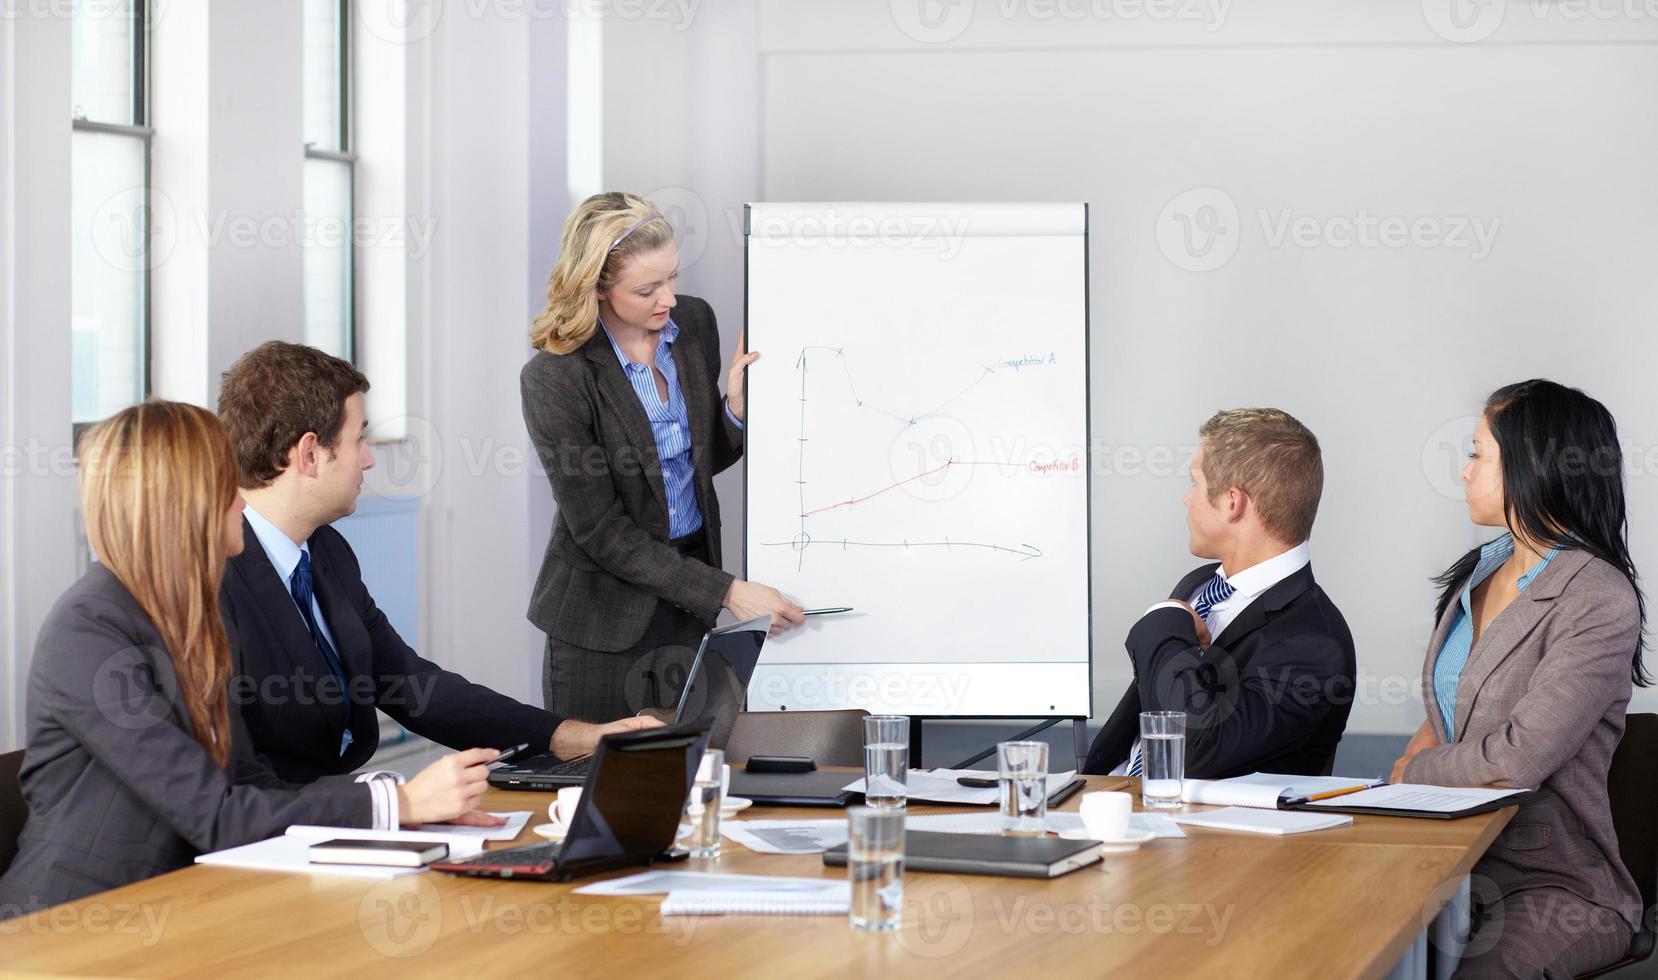 Grafik der blonden Frau auf Flipchart während des Geschäftstreffens foto